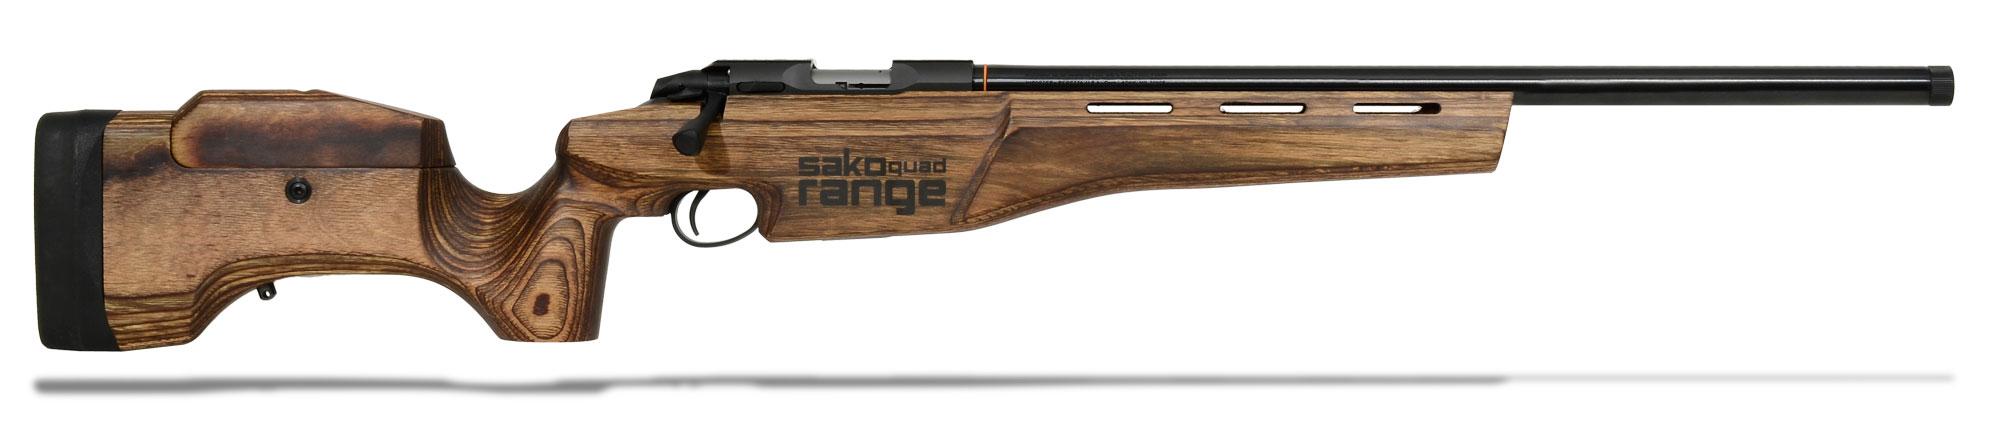 Sako Quad Range .17 HMR w/ ST & MT JRSX021